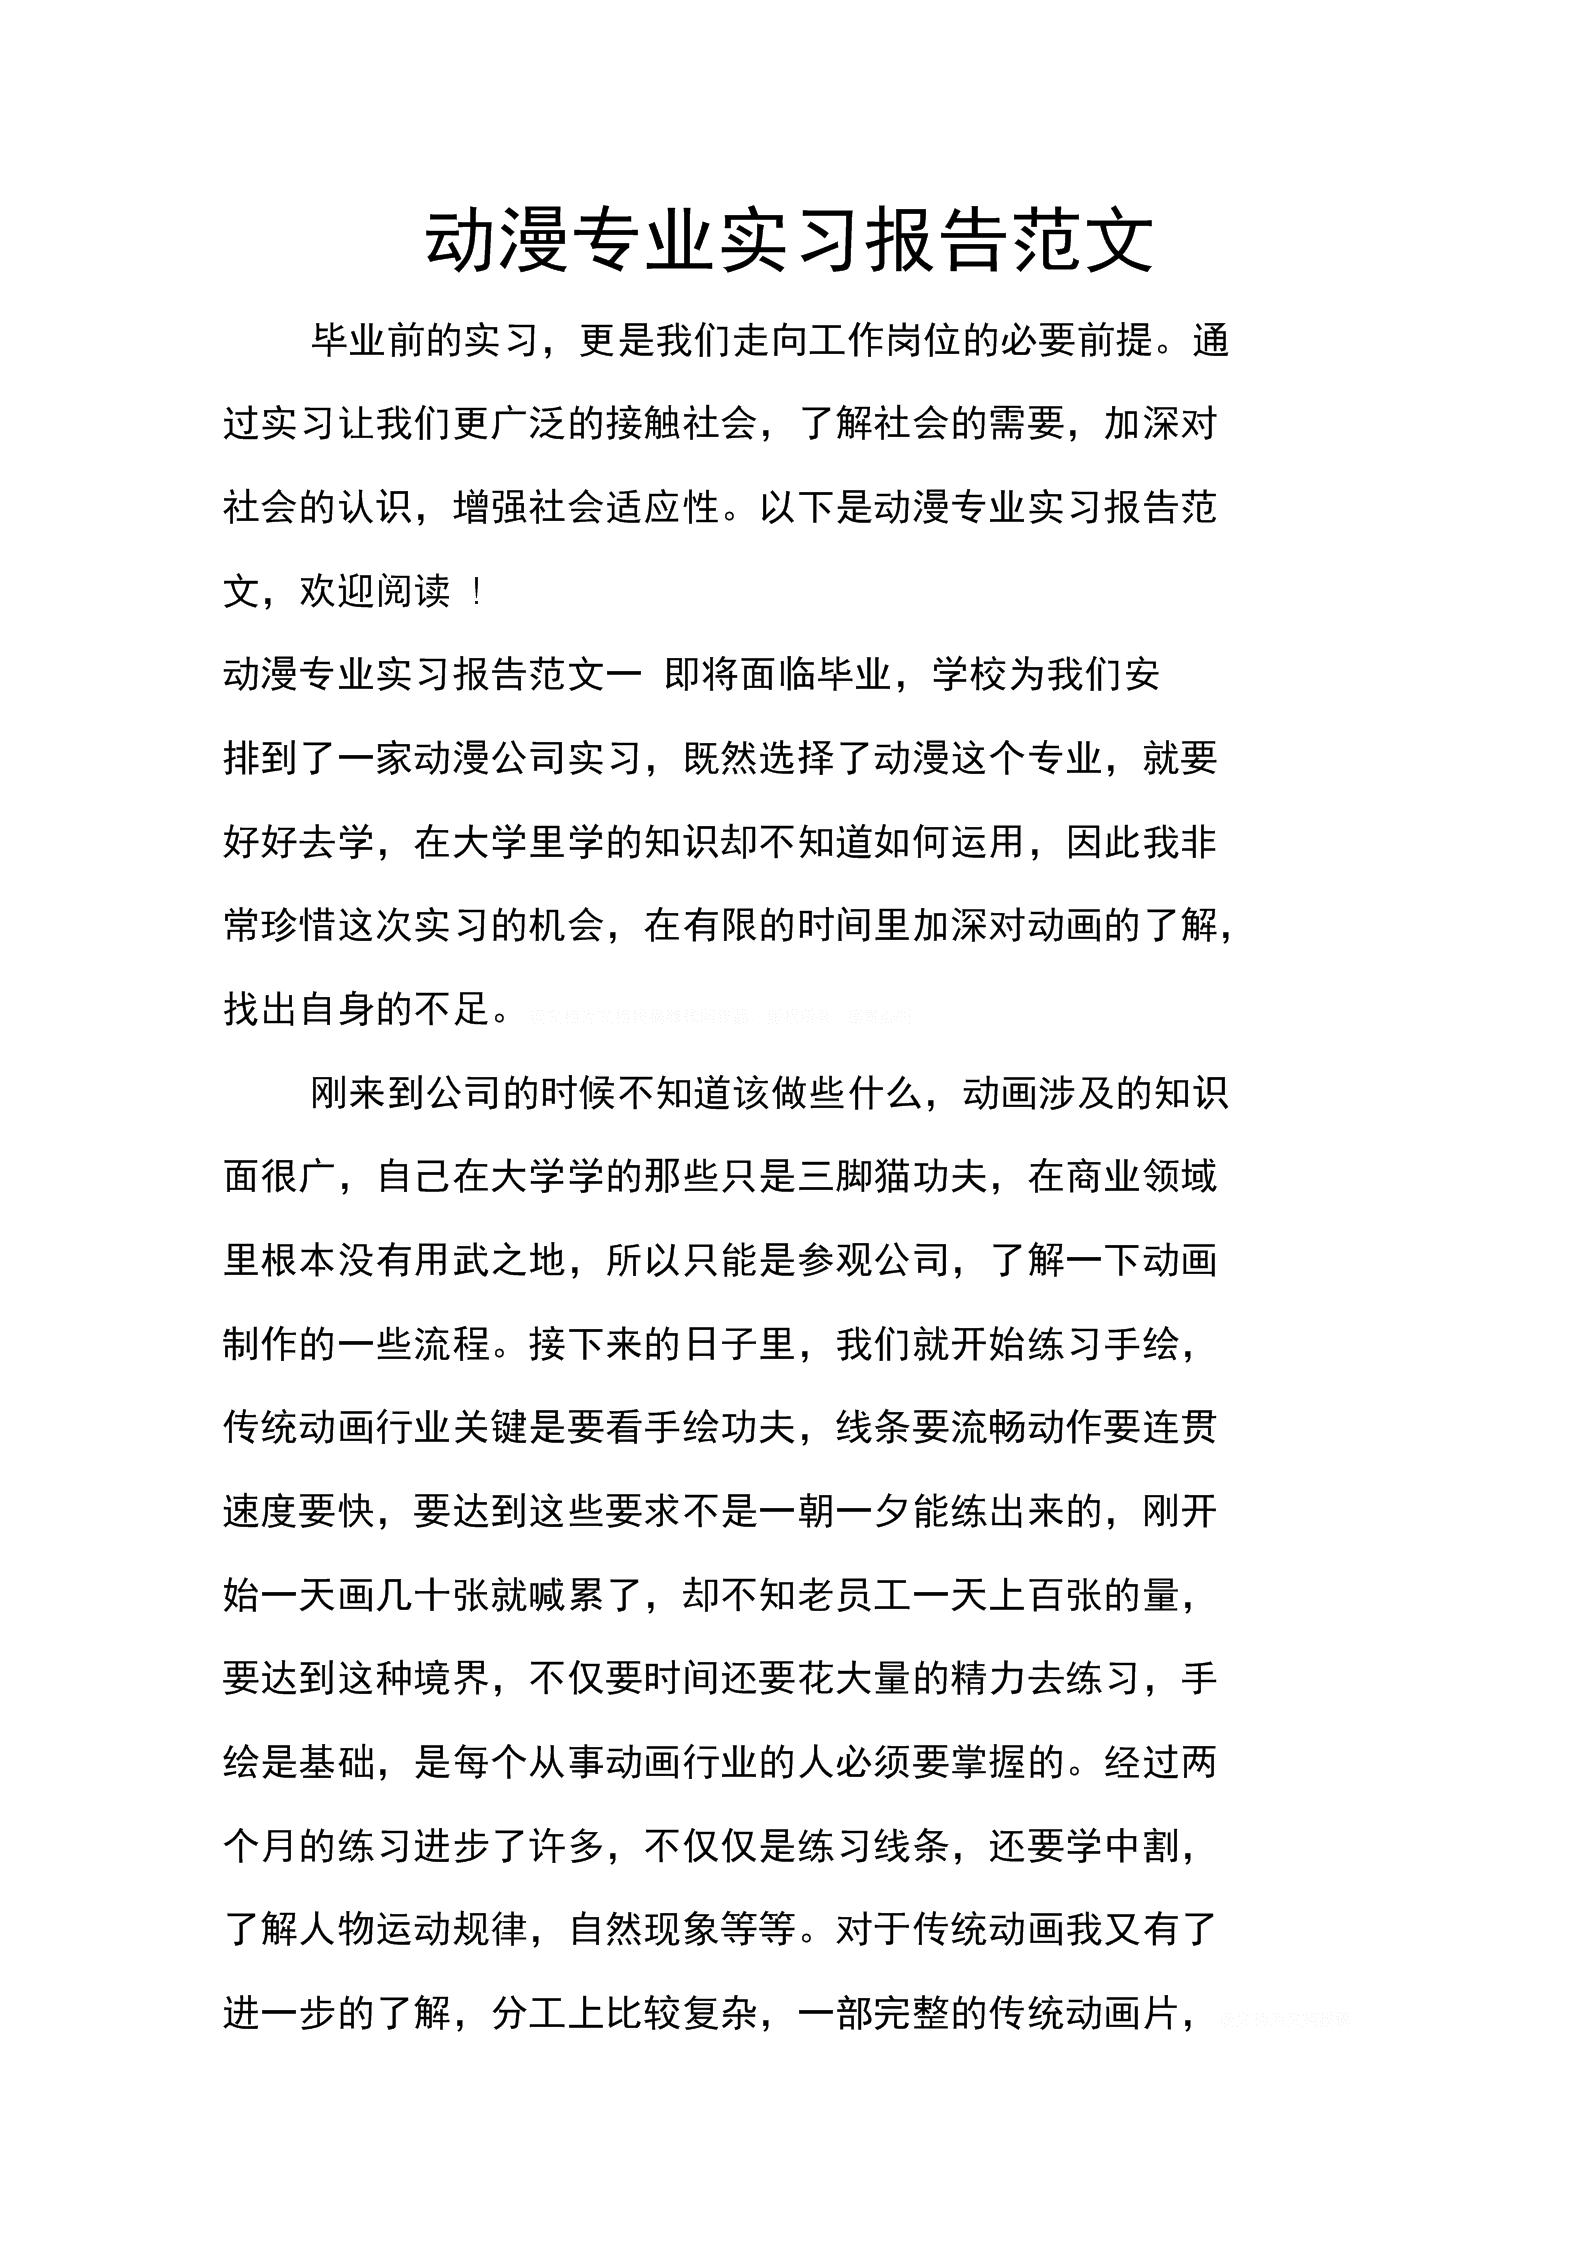 《动漫专业实习报告范文》.docx